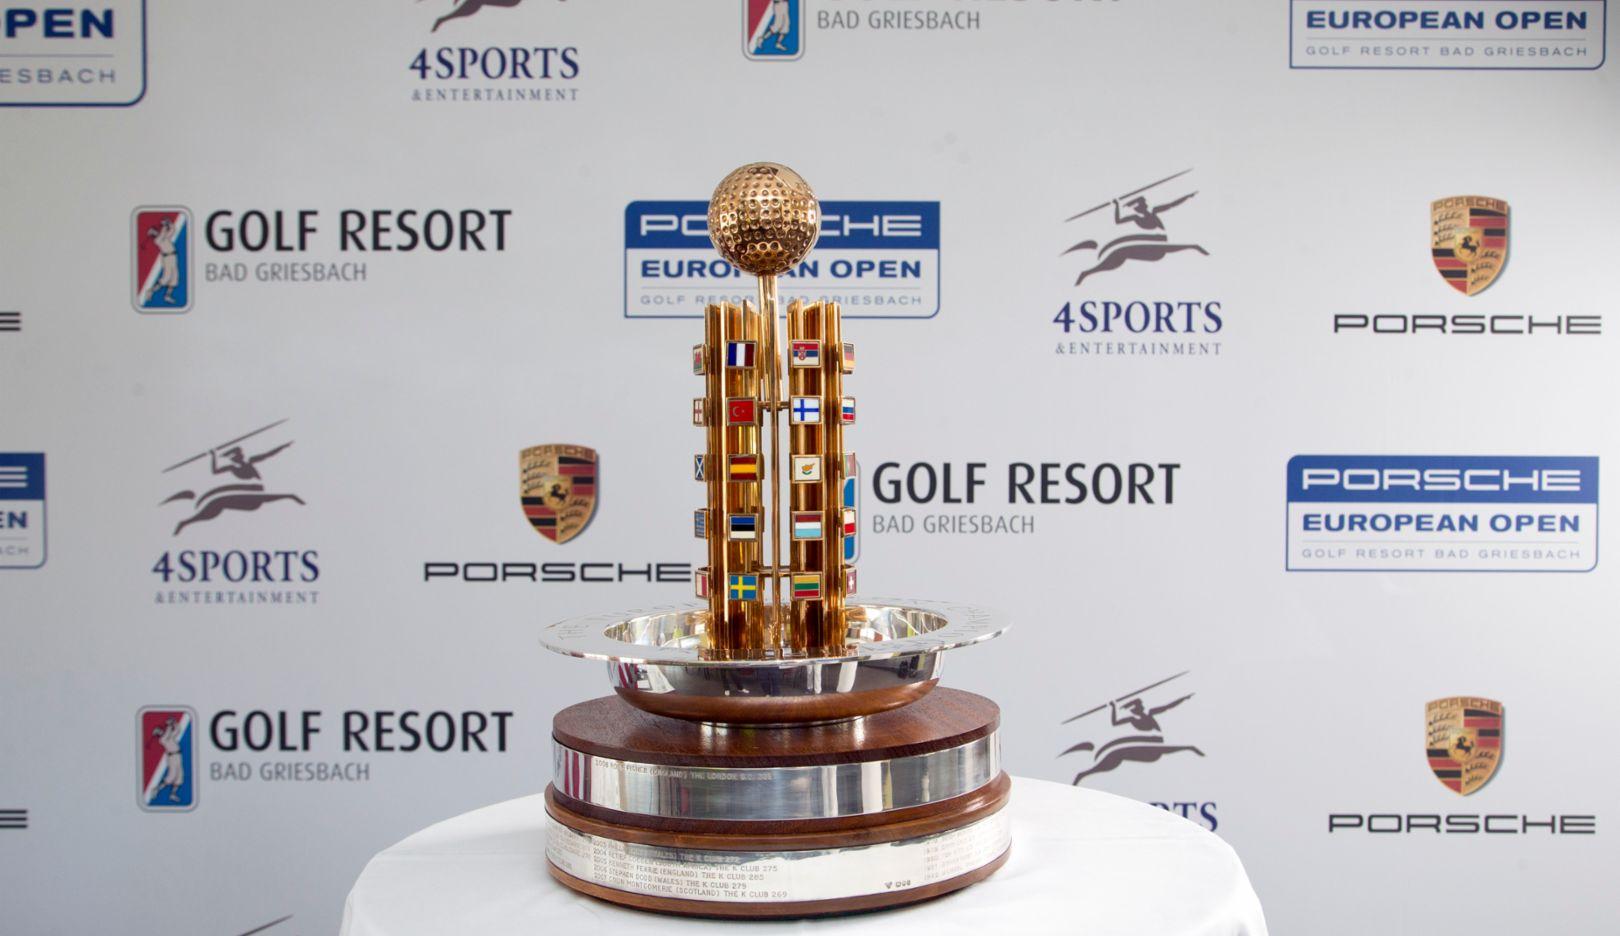 Porsche European Open Trophy, Golfresort Bad Griesbach, 2015, Porsche AG